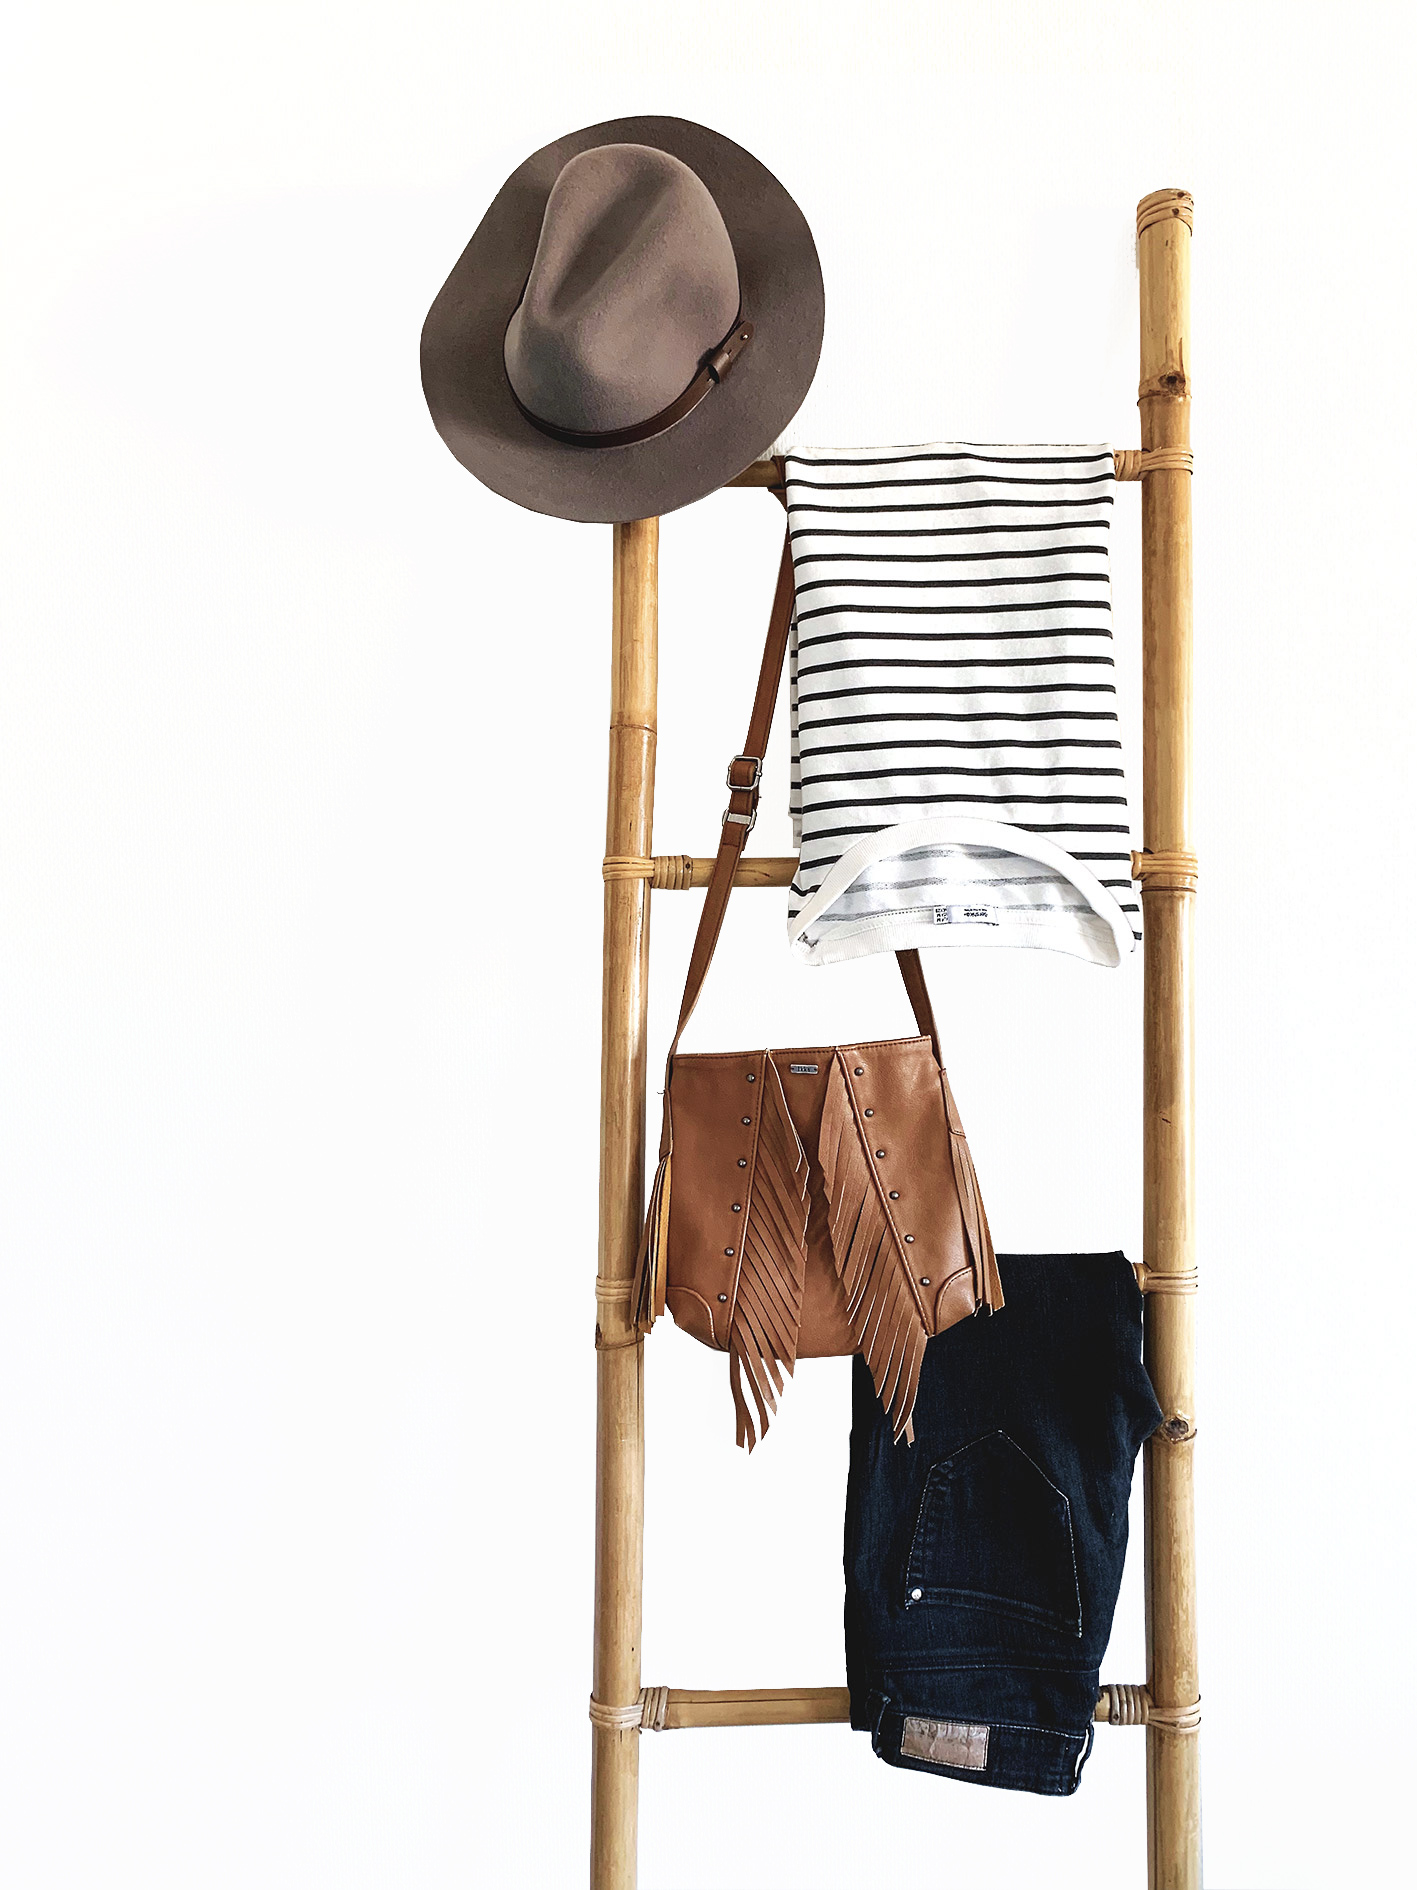 échelle bambou vêtement chapeau pantalon sac à franges